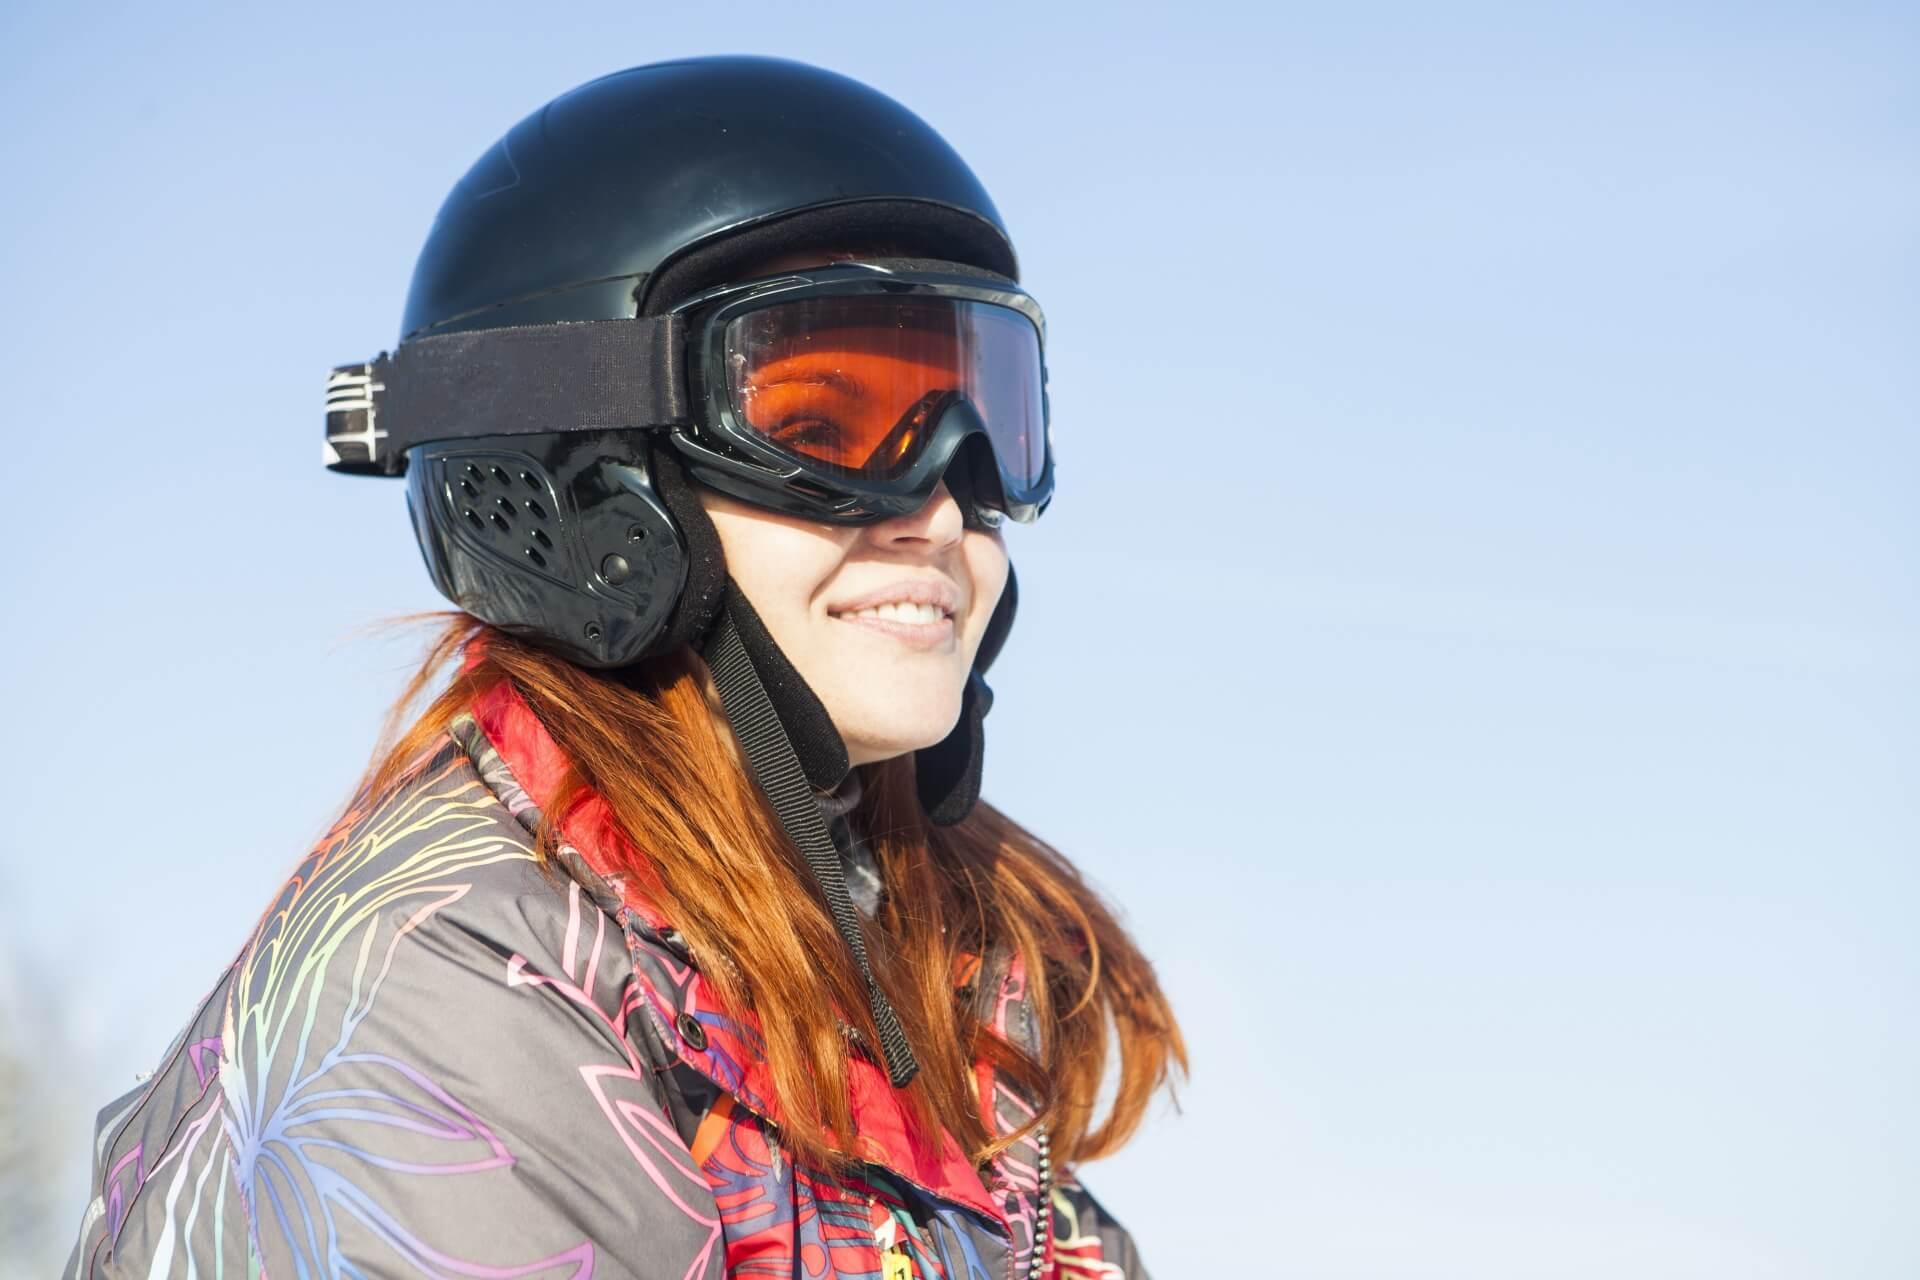 ヘルメットでスキーを安全に楽しもう。